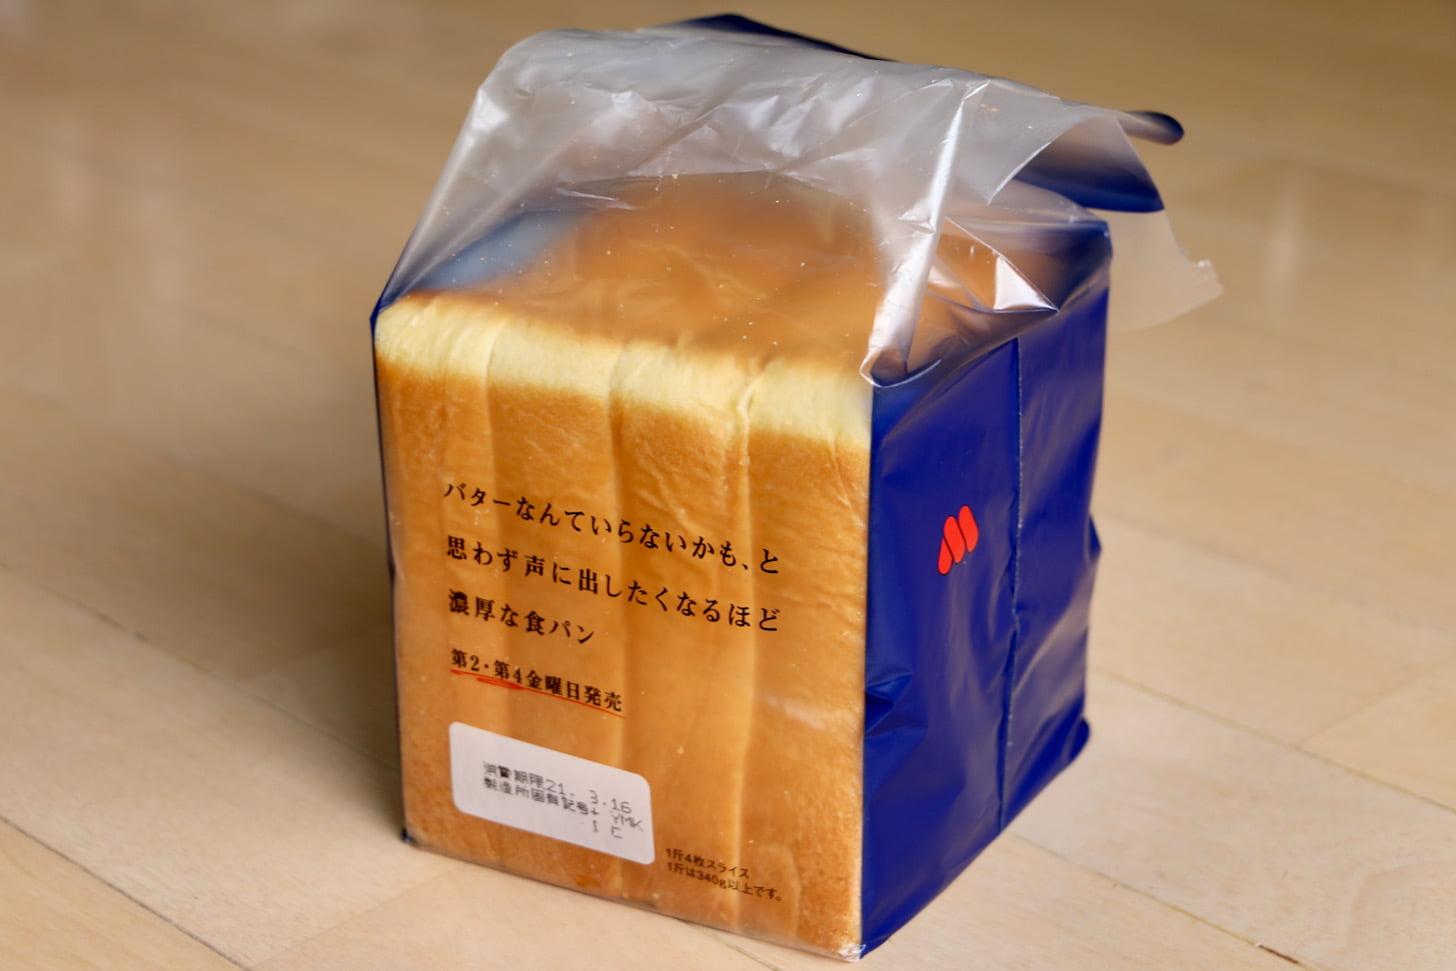 「バターなんていらないかも、と思わず声に出したくなるほど濃厚な食パン」